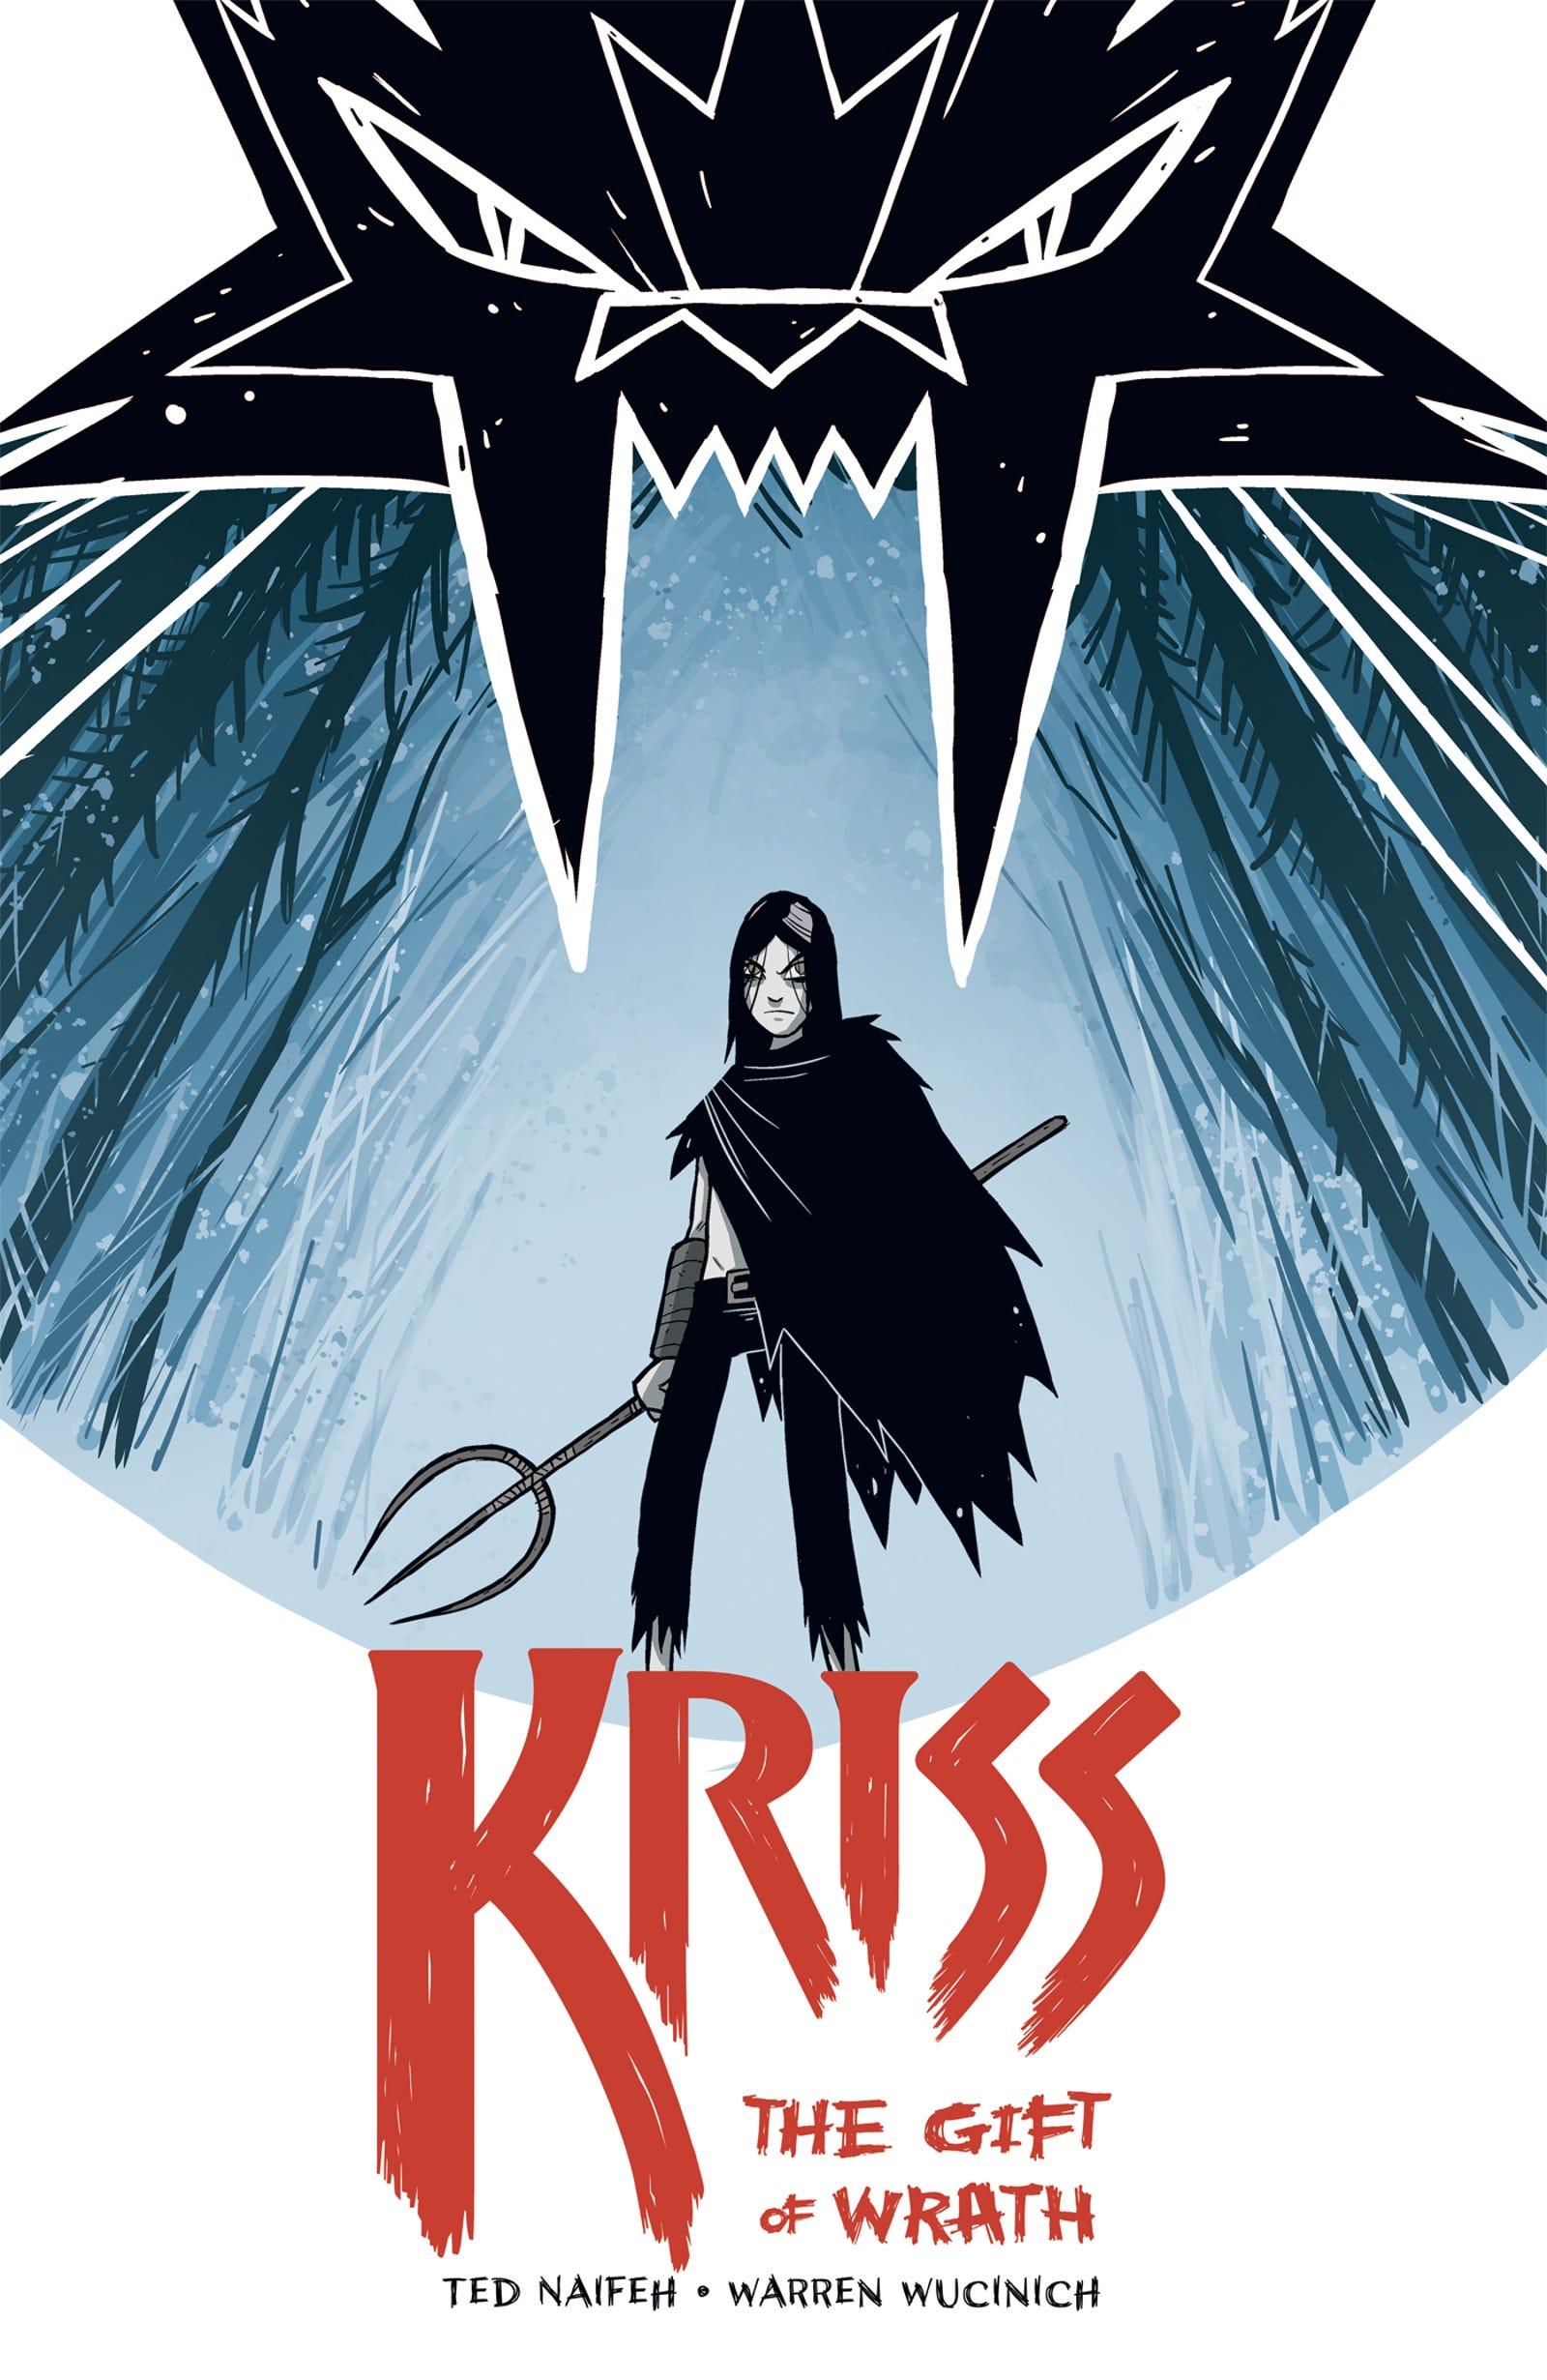 Cover by Warren Wucinich